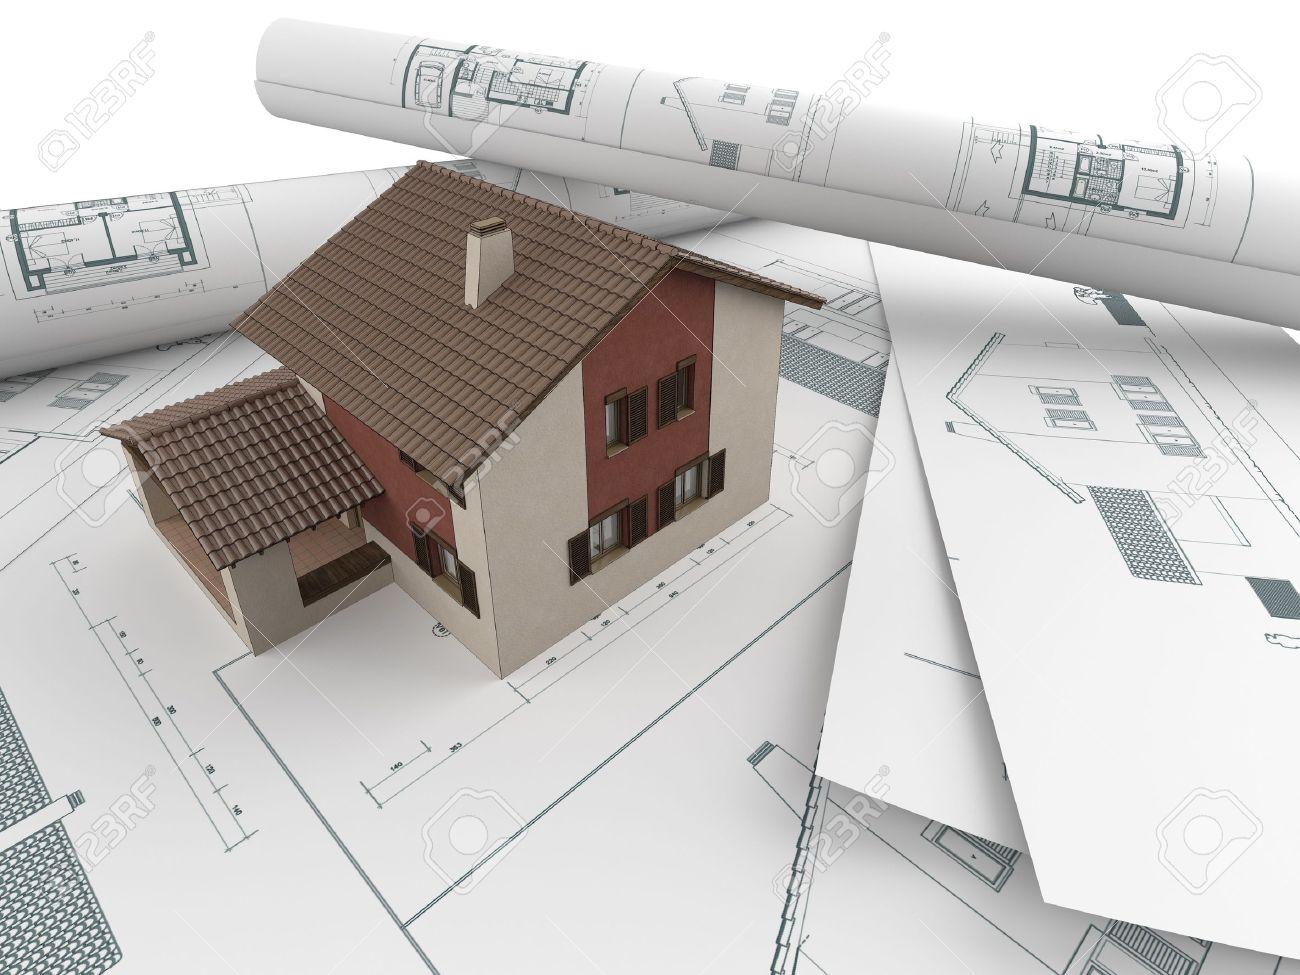 awesome d maison modle mergent de dessins banque plan dessiner maison d trs facile logiciel d gratuit with logiciel dessin maison 3d gratuit francais - Plan Maison 3d Gratuit Et Facile